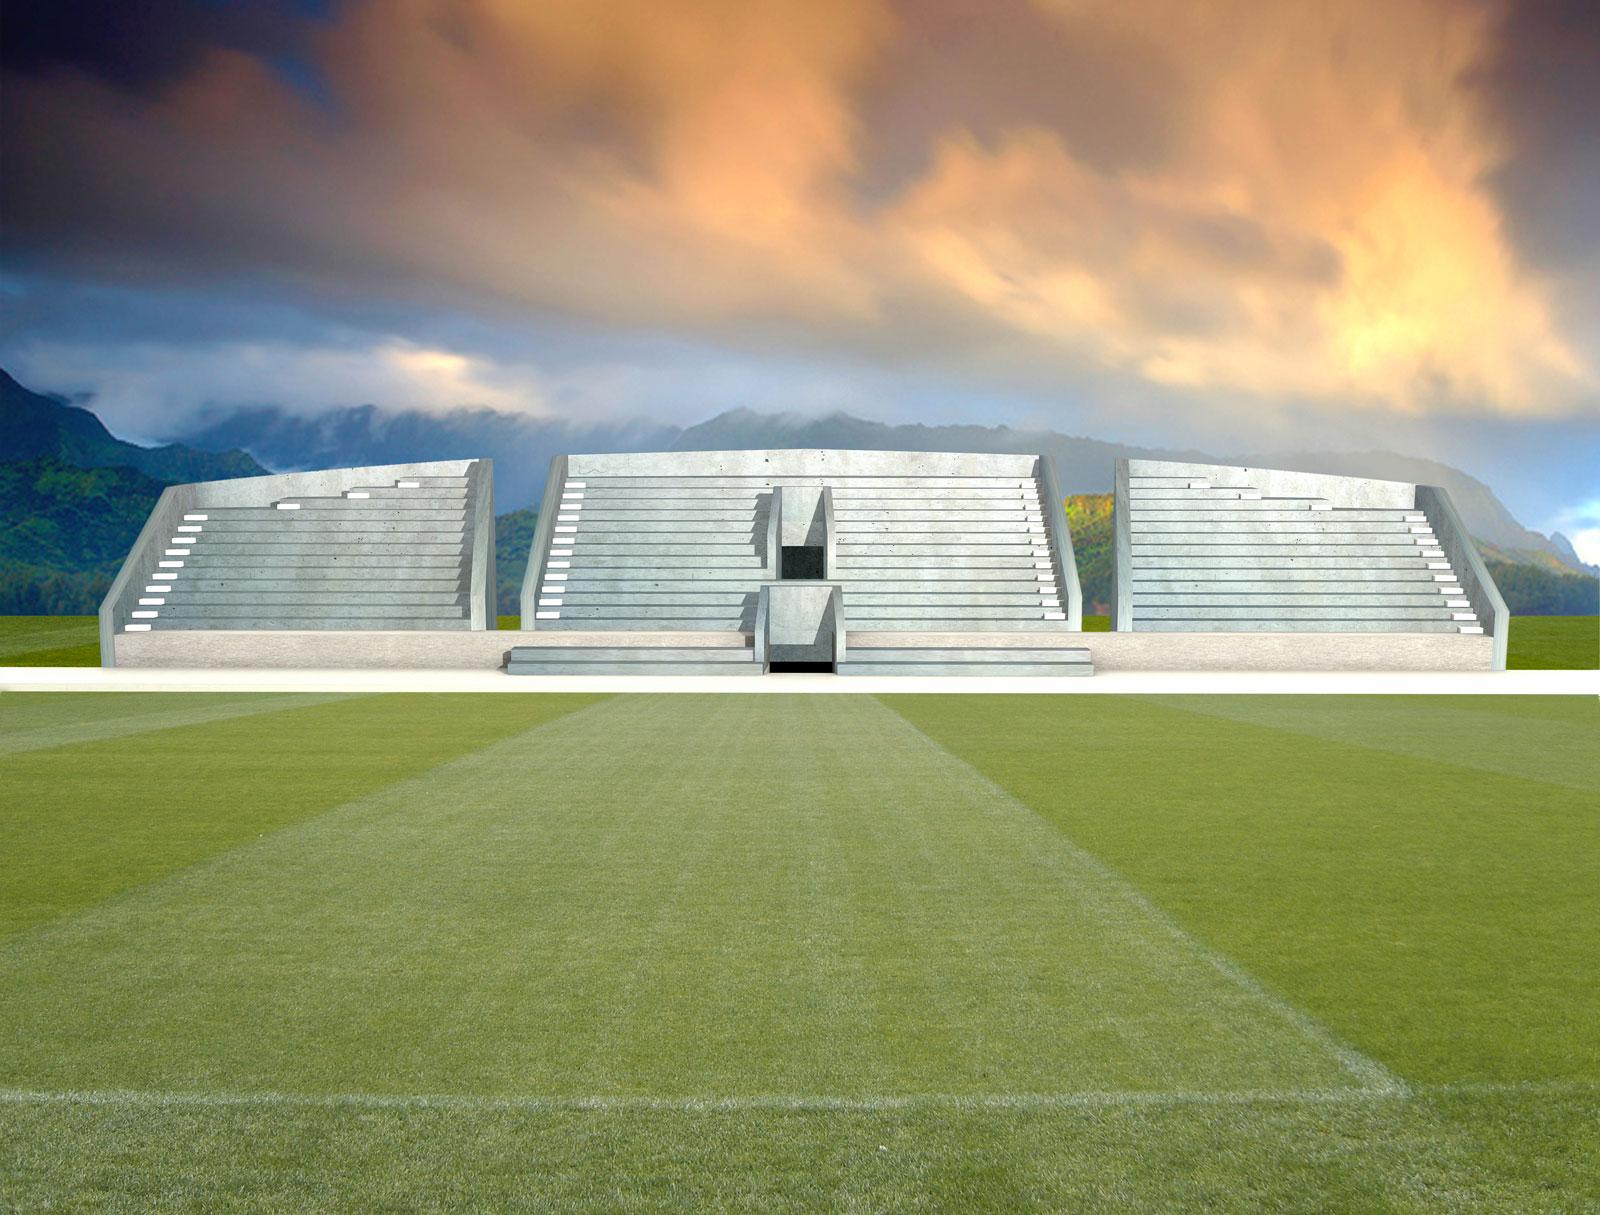 Proyecto de arquitectura. Vestuarios y campo de fútbol de Finestrat